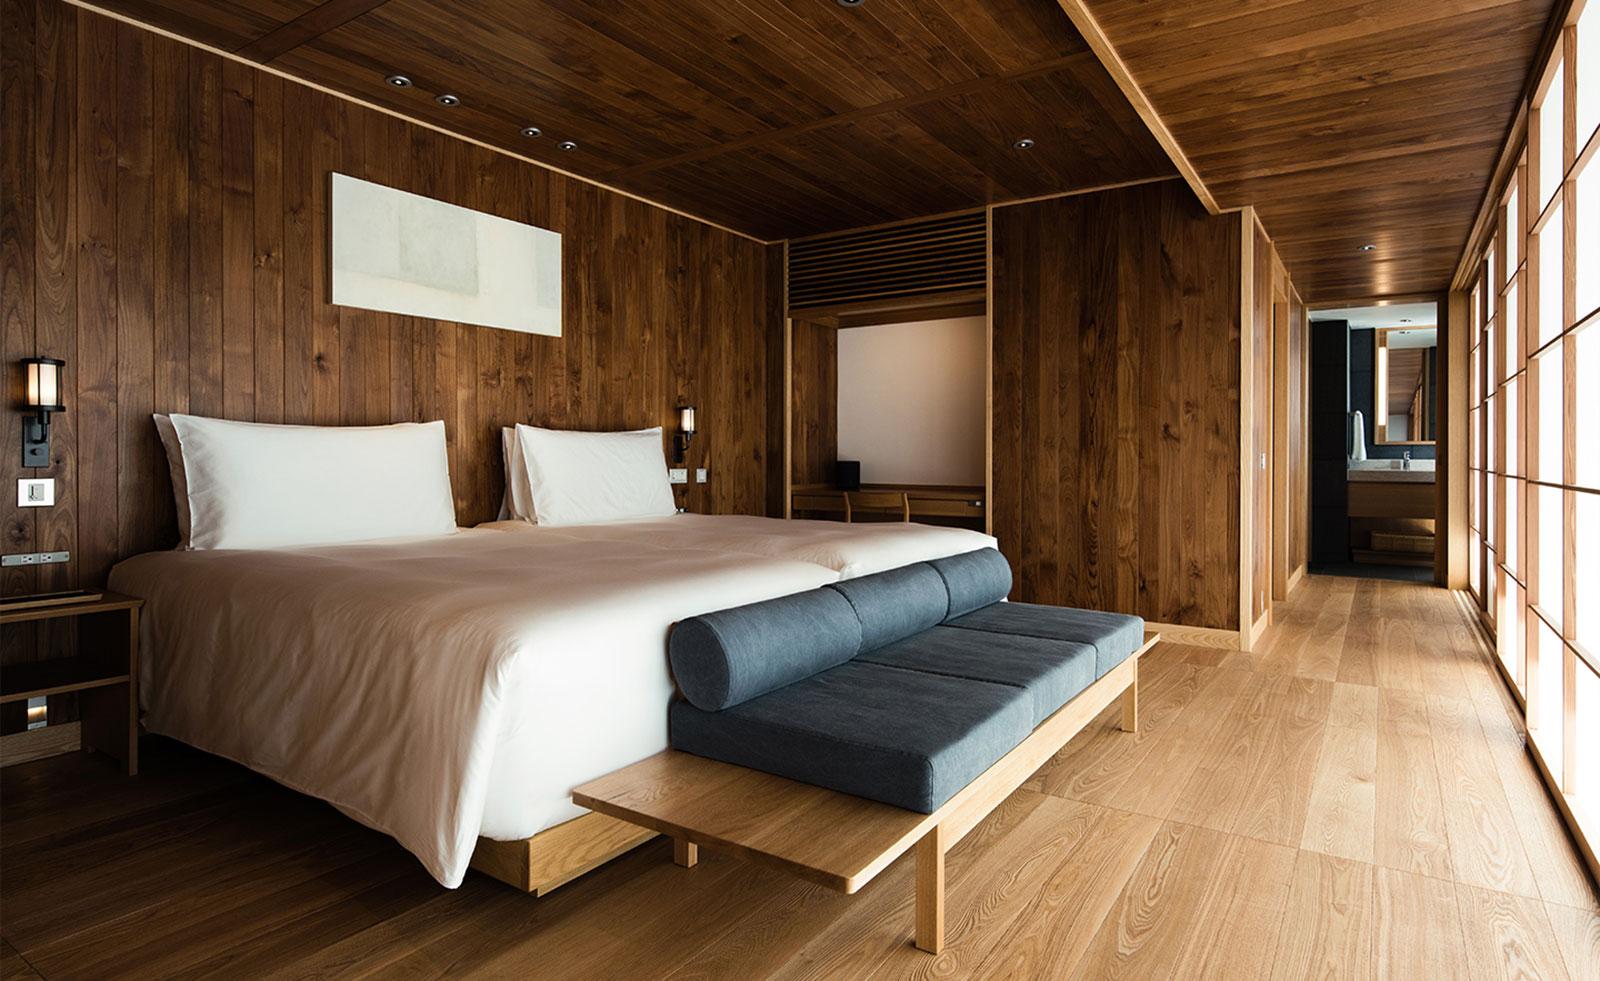 Guntu, il floating hotel che naviga le coste giapponesi | Collater.al 5